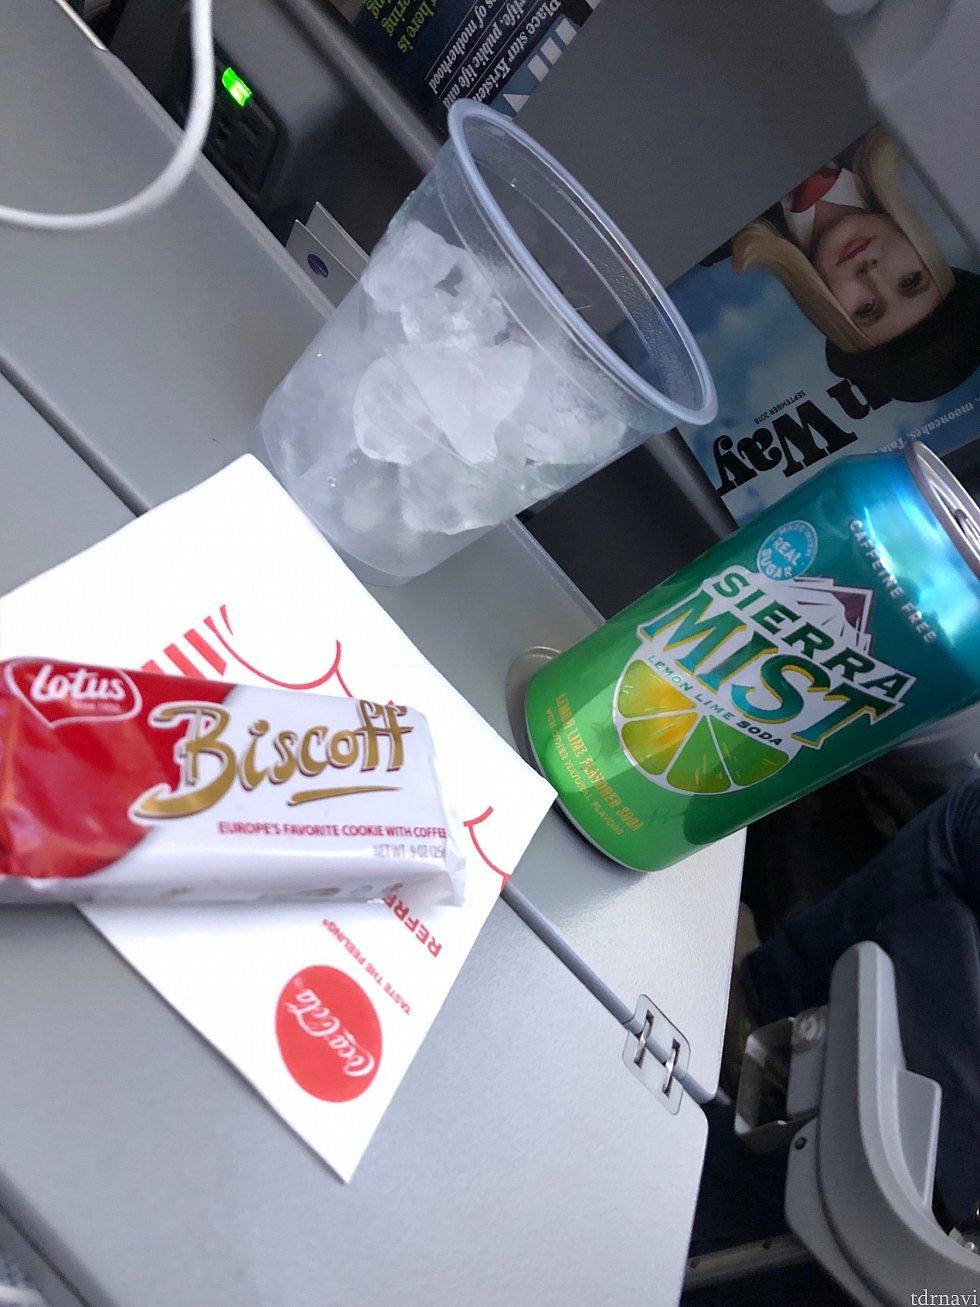 復路のアメリカ国内線 往路では爆睡していましたがクッキーを机の上に置いておいてくれました